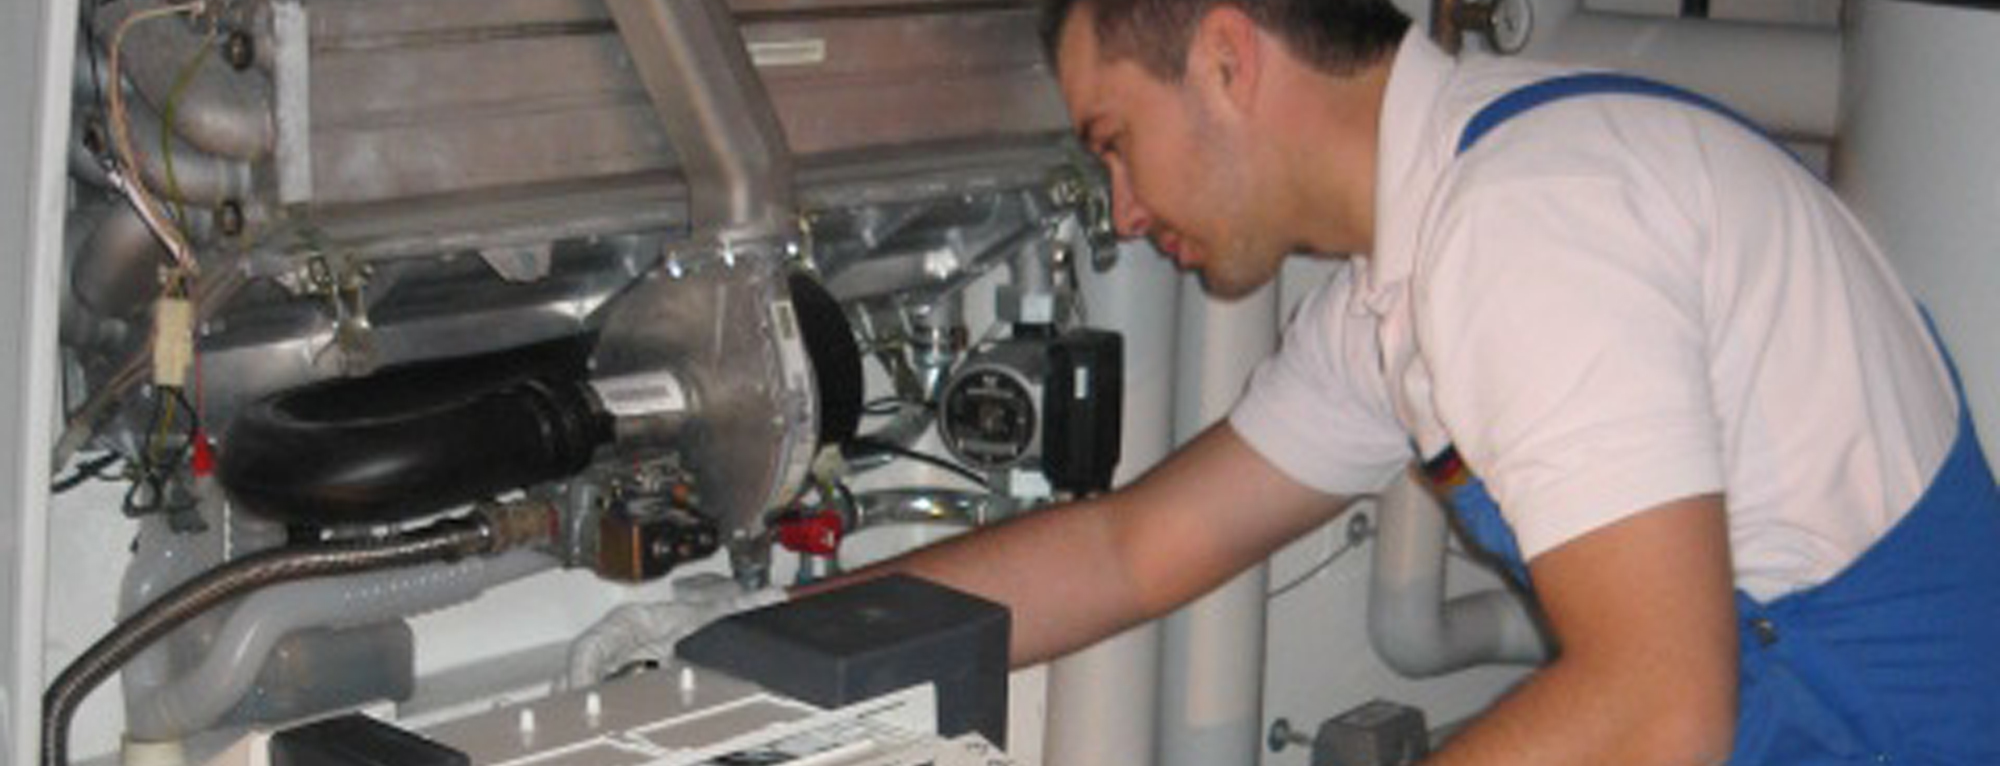 Meier Haustechnik Kundendienst